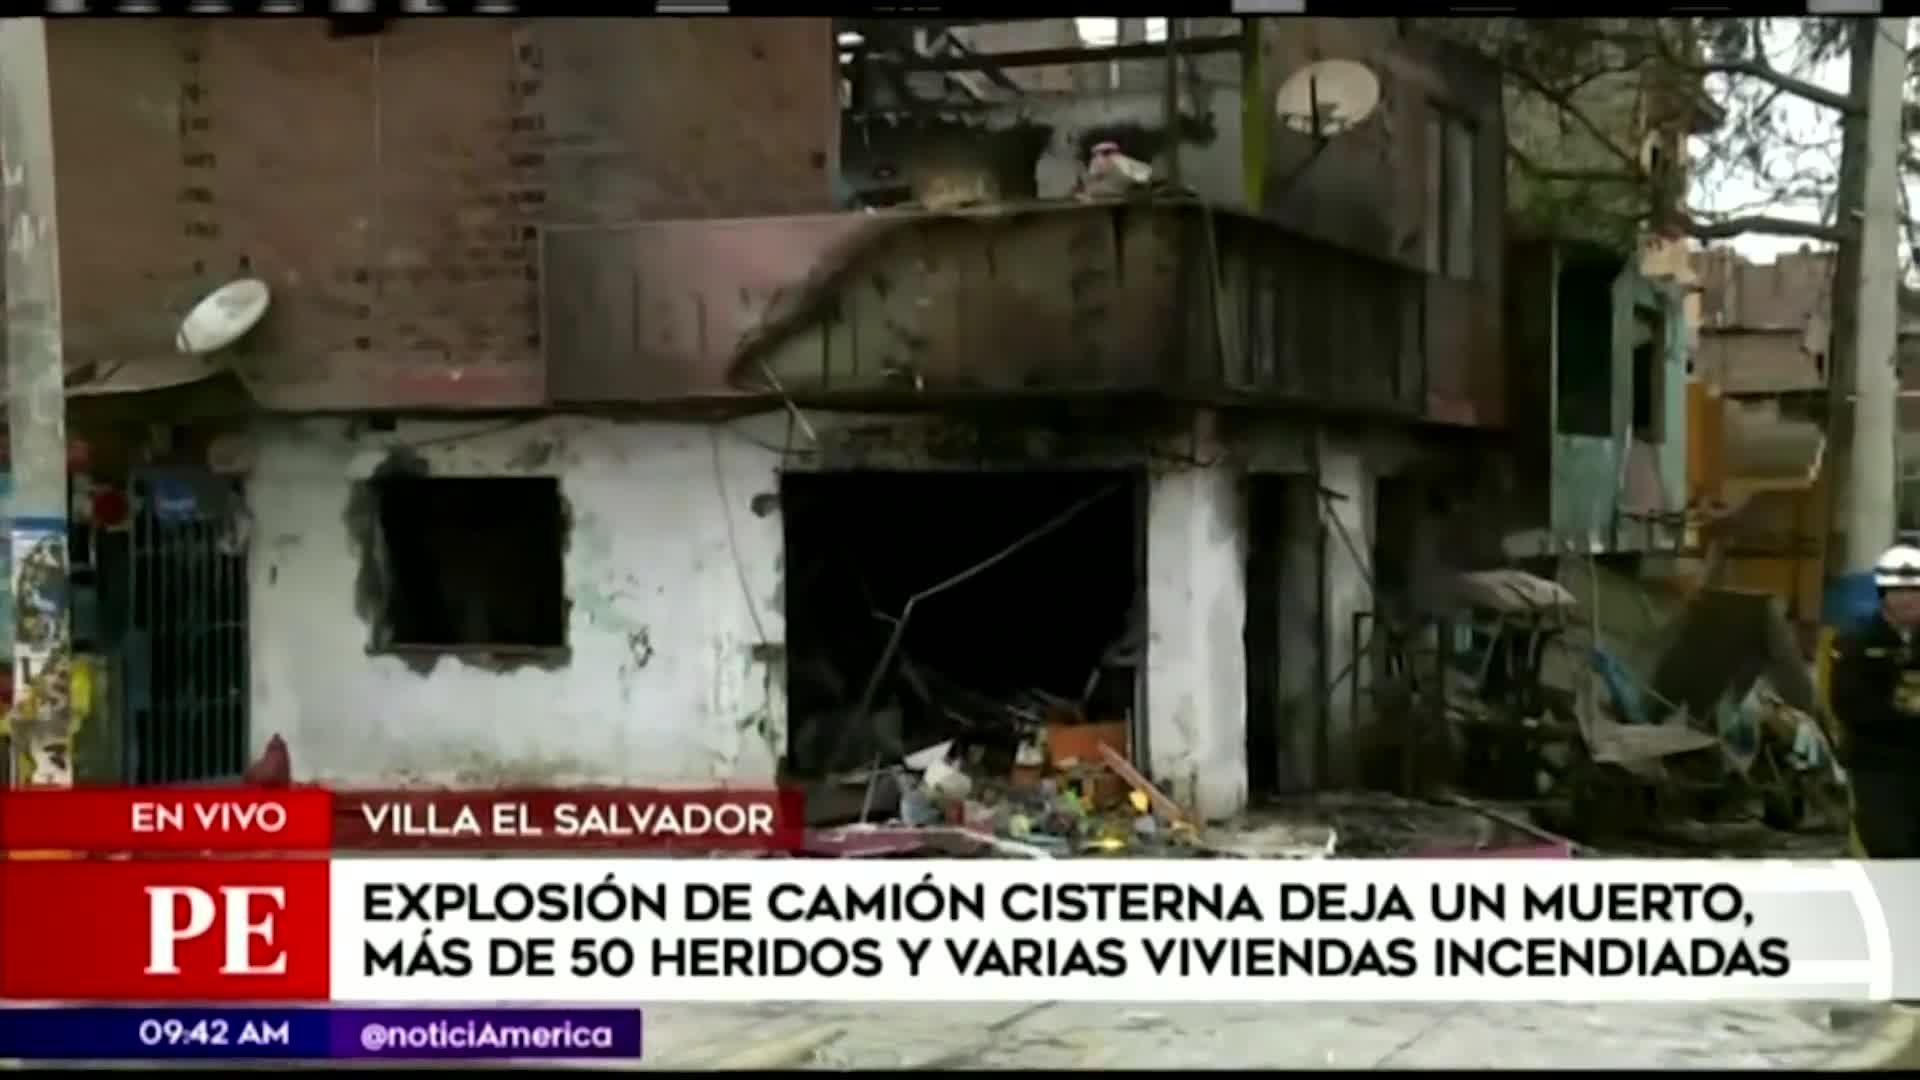 Incendio en VES: recomendaciones tras explosión de camión cisterna de gas